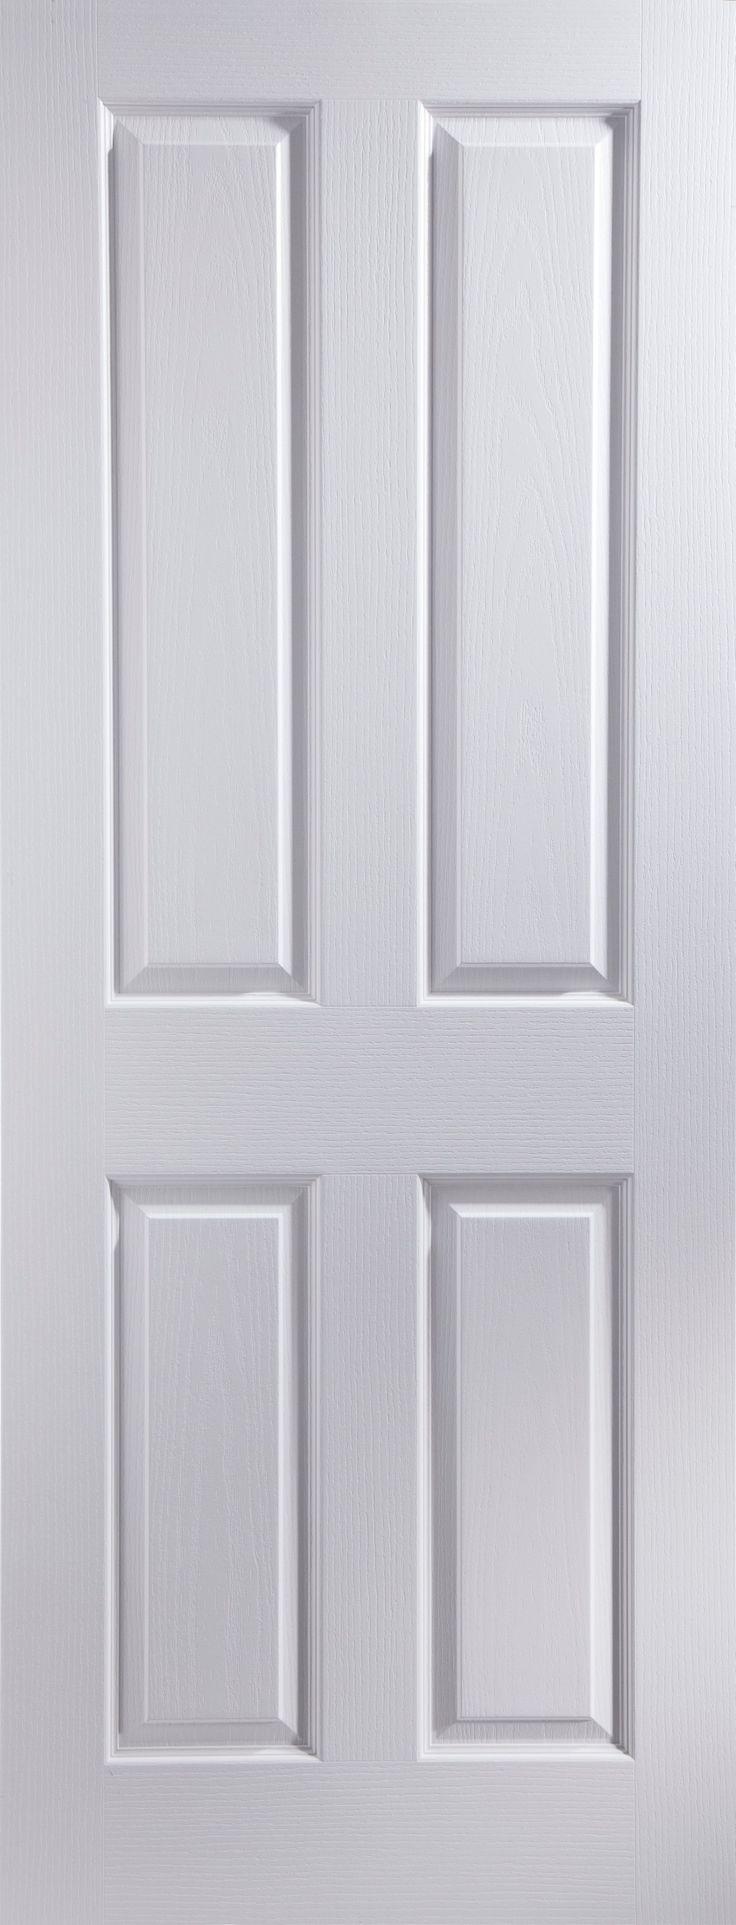 4 Panel White Interior Doors 49 best internal doors images on pinterest | internal doors, doors